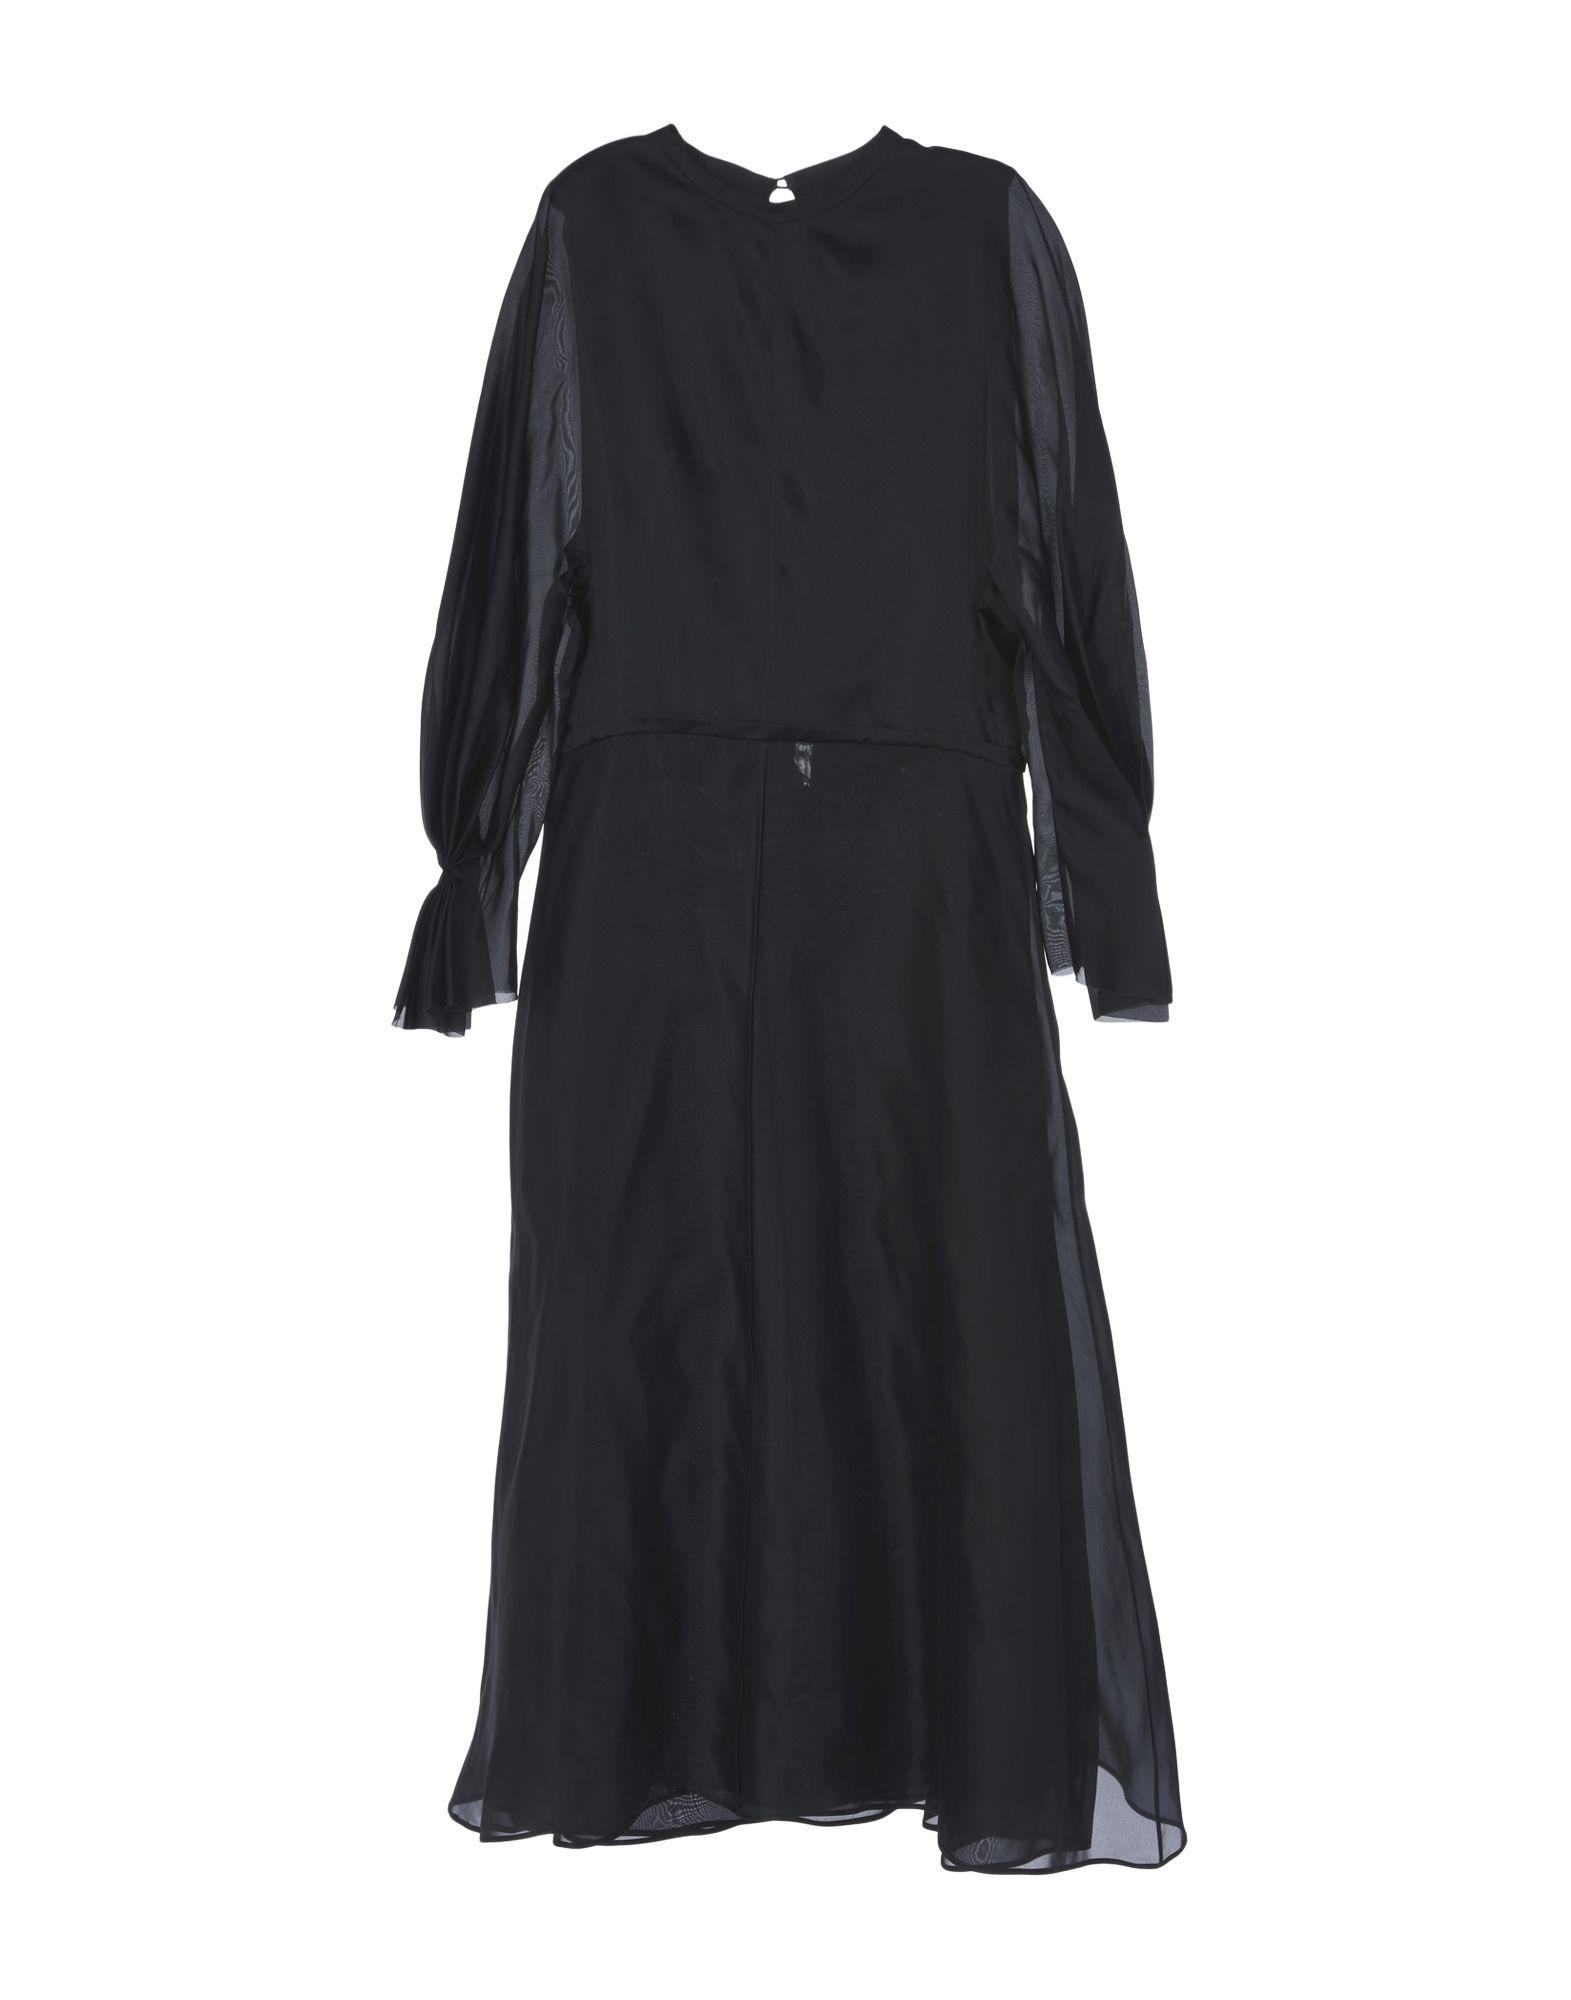 《送料無料》EMILIA WICKSTEAD レディース ロングワンピース&ドレス ブラック 12 シルク 100%